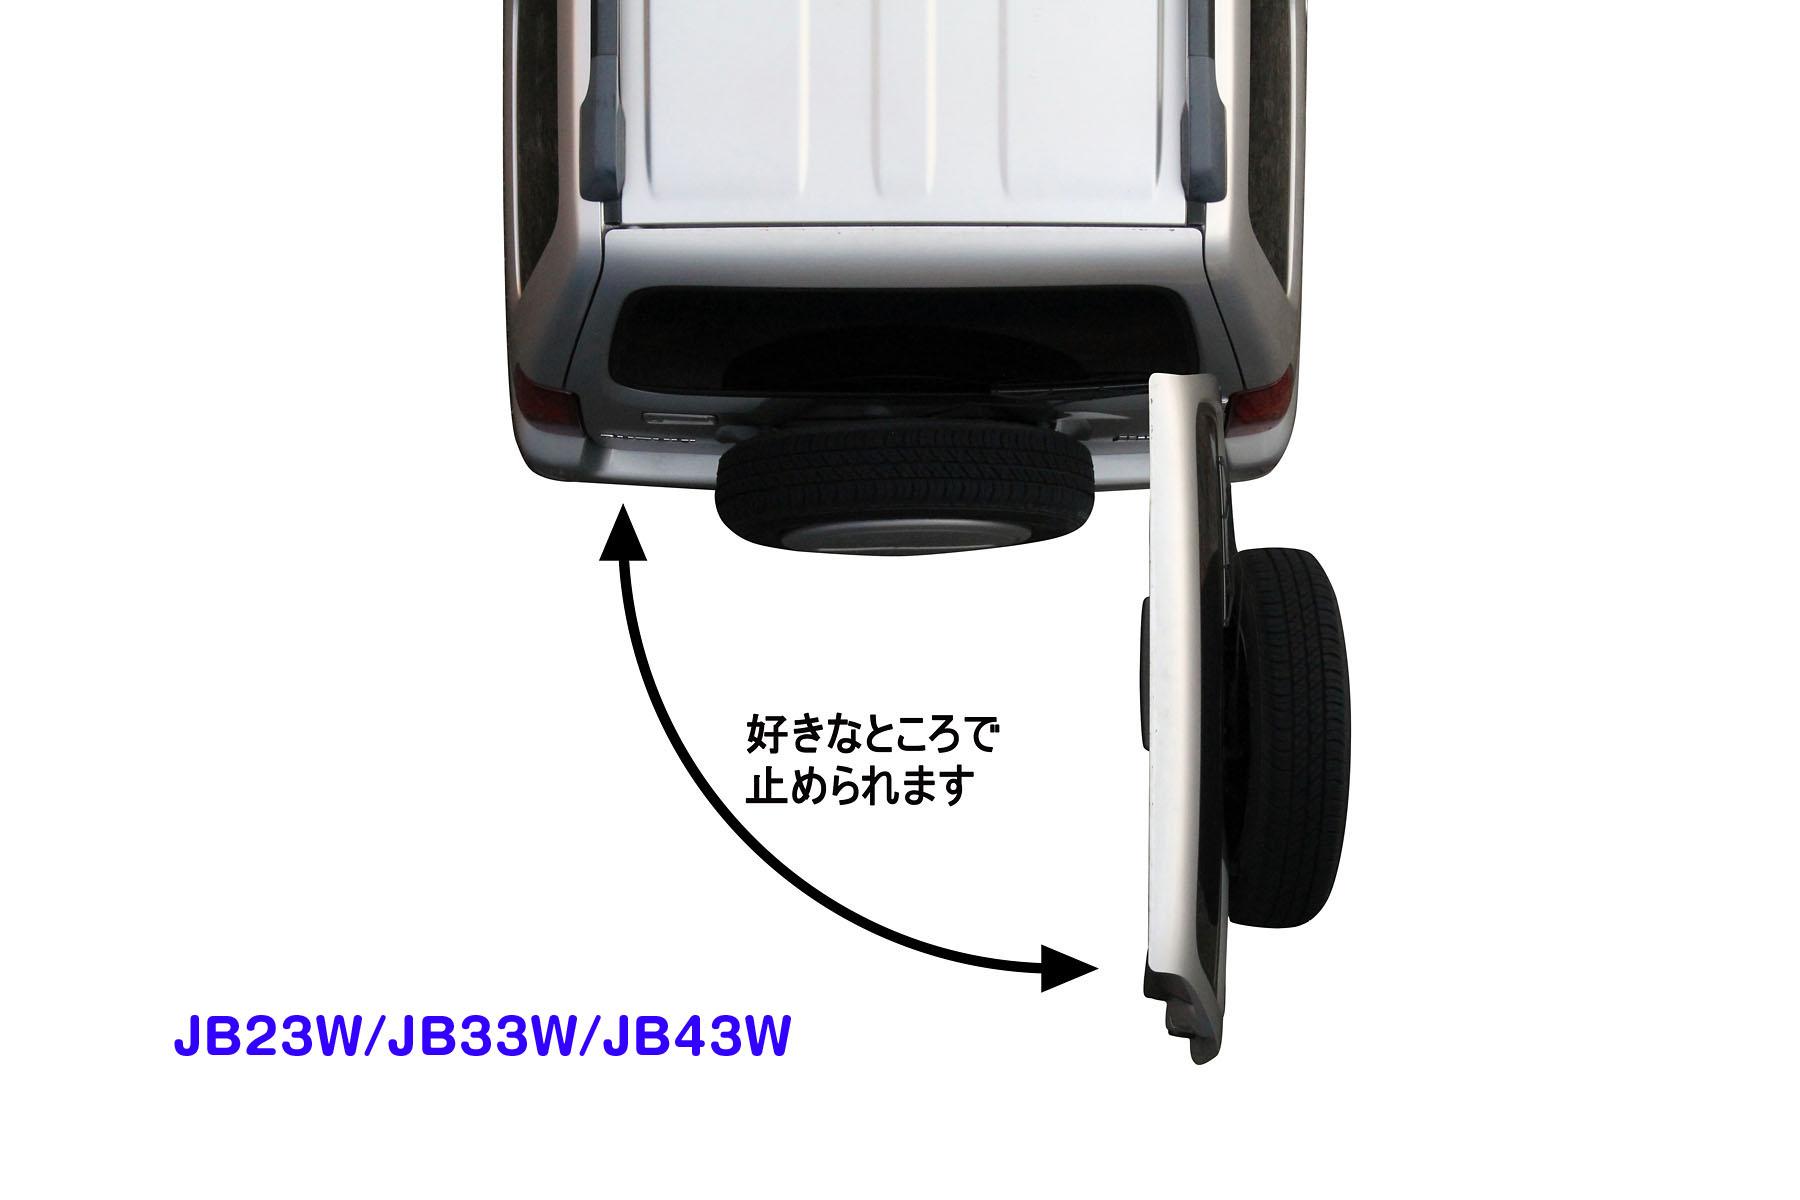 ネオプロト 4リン RV フリーストップドアオープナー ジムニー(JB23/64)/ジムニーシエラ(JB43/74)